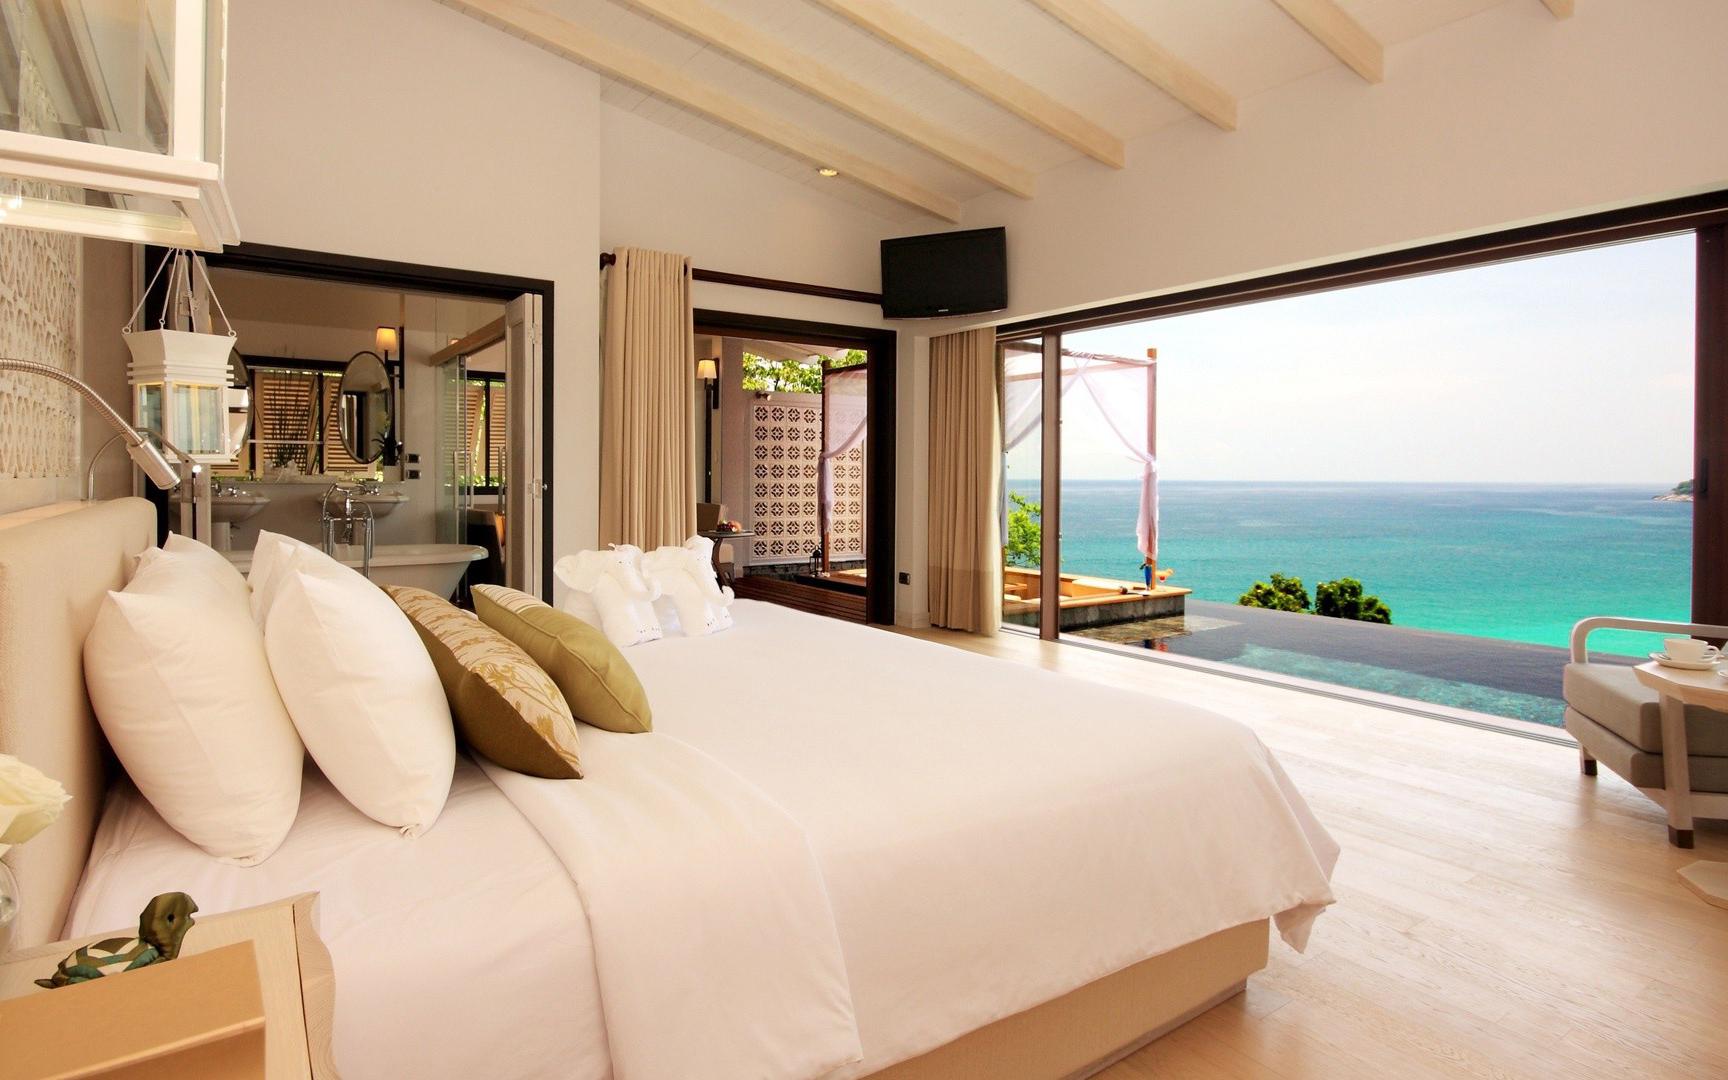 Una casa de playa su interior - 1728x1080